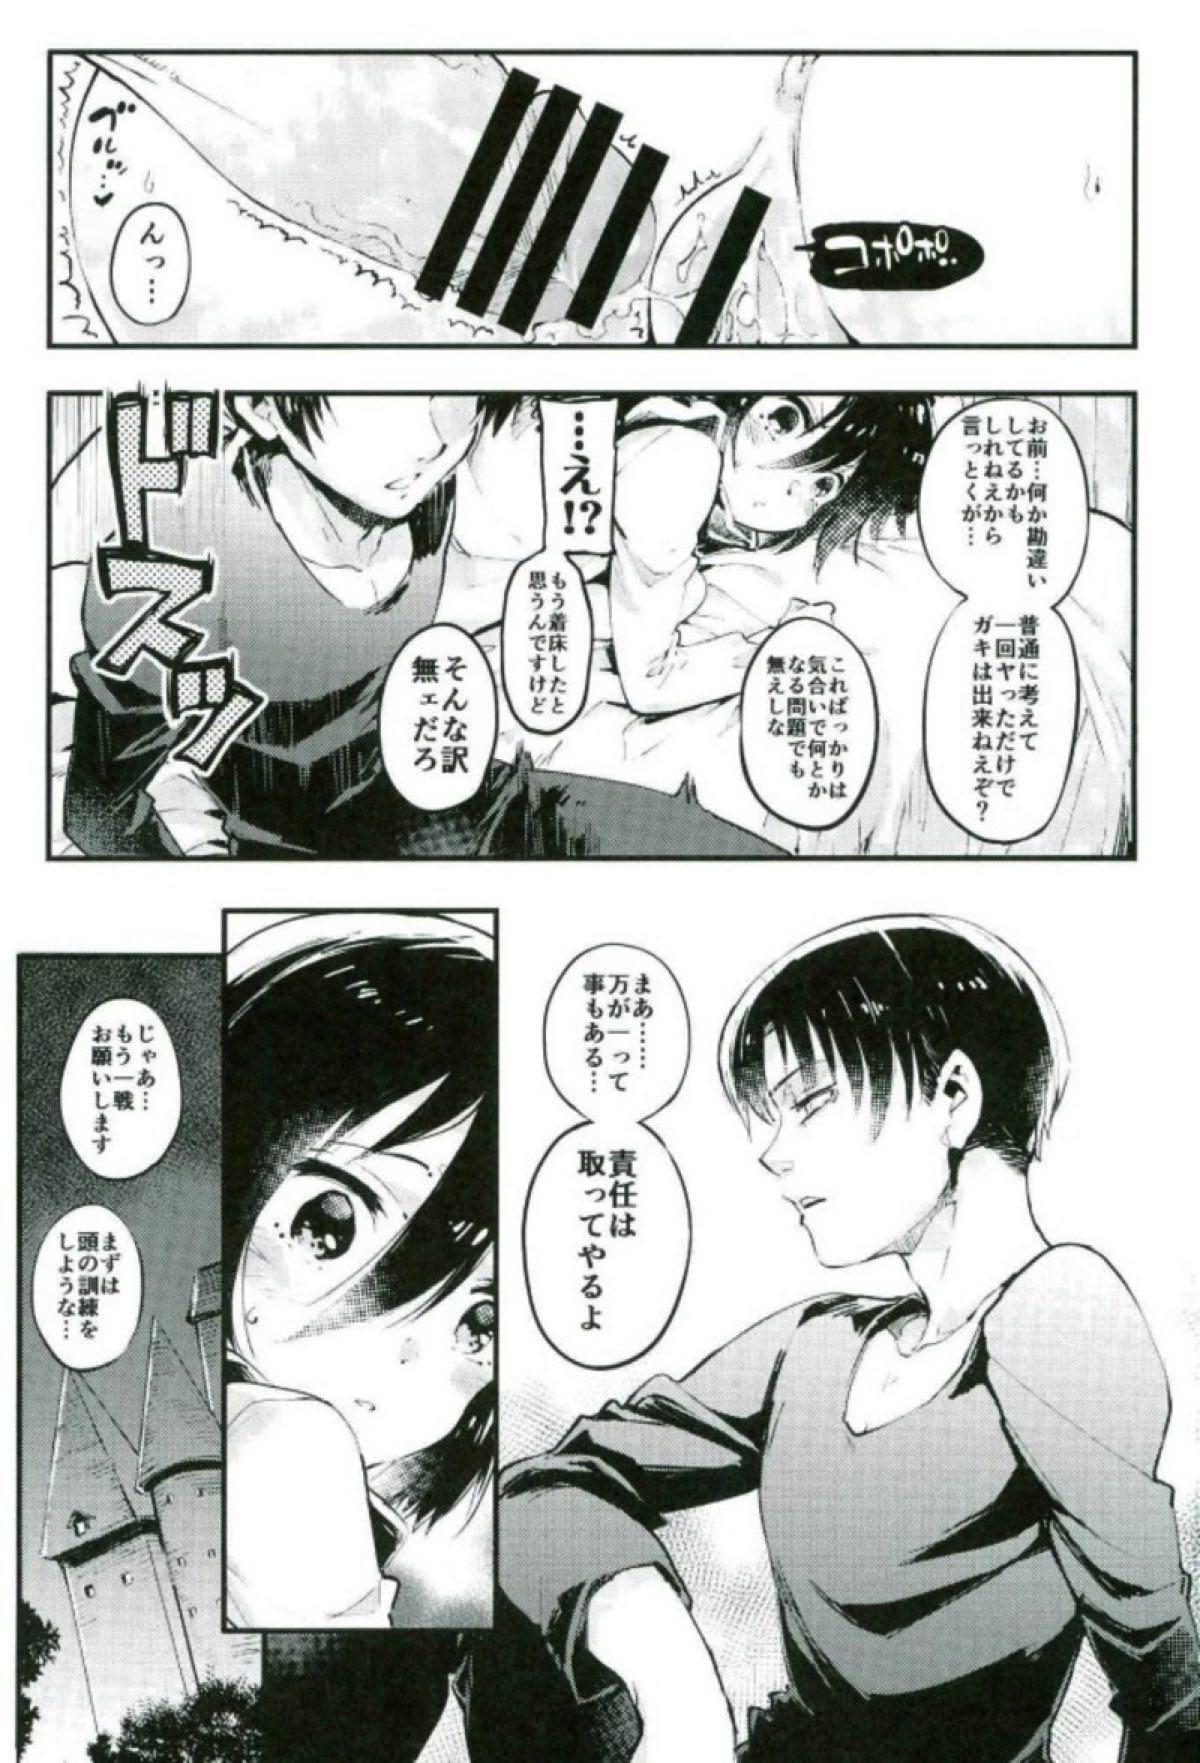 Ackerman-ke no Akarui Kazoku Keikaku 31